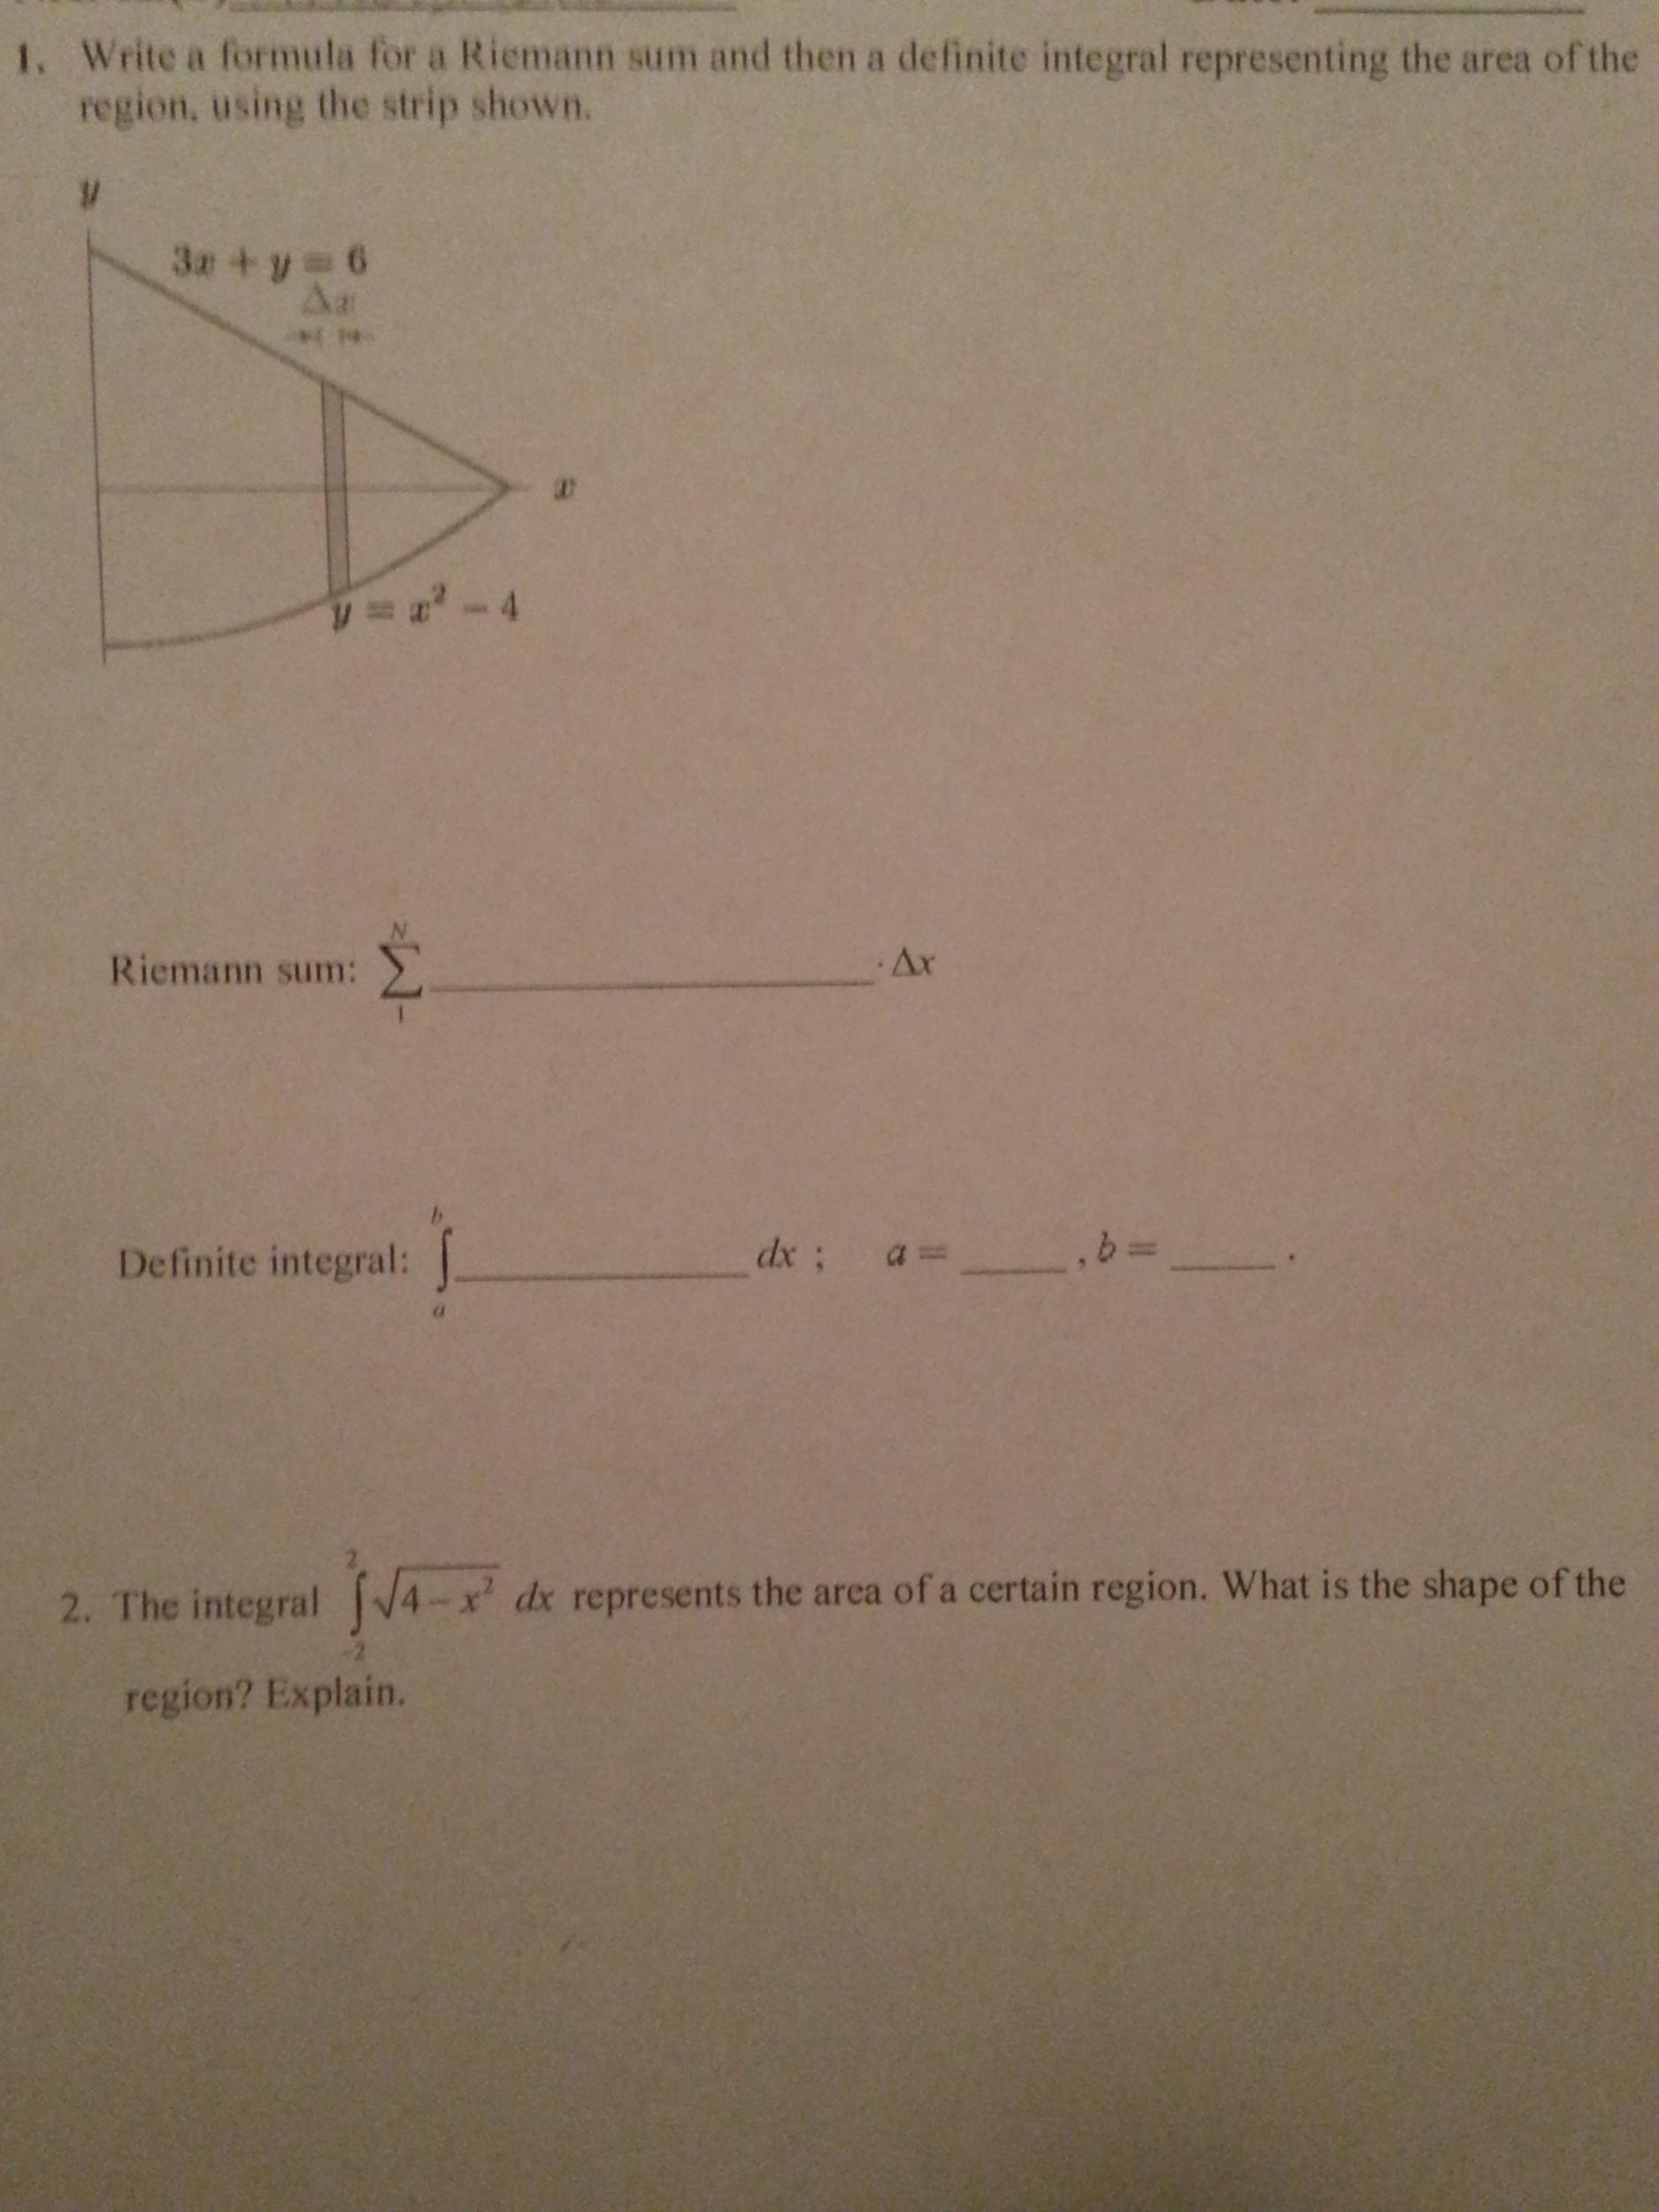 Riemann Sum Formula For Definite Integral